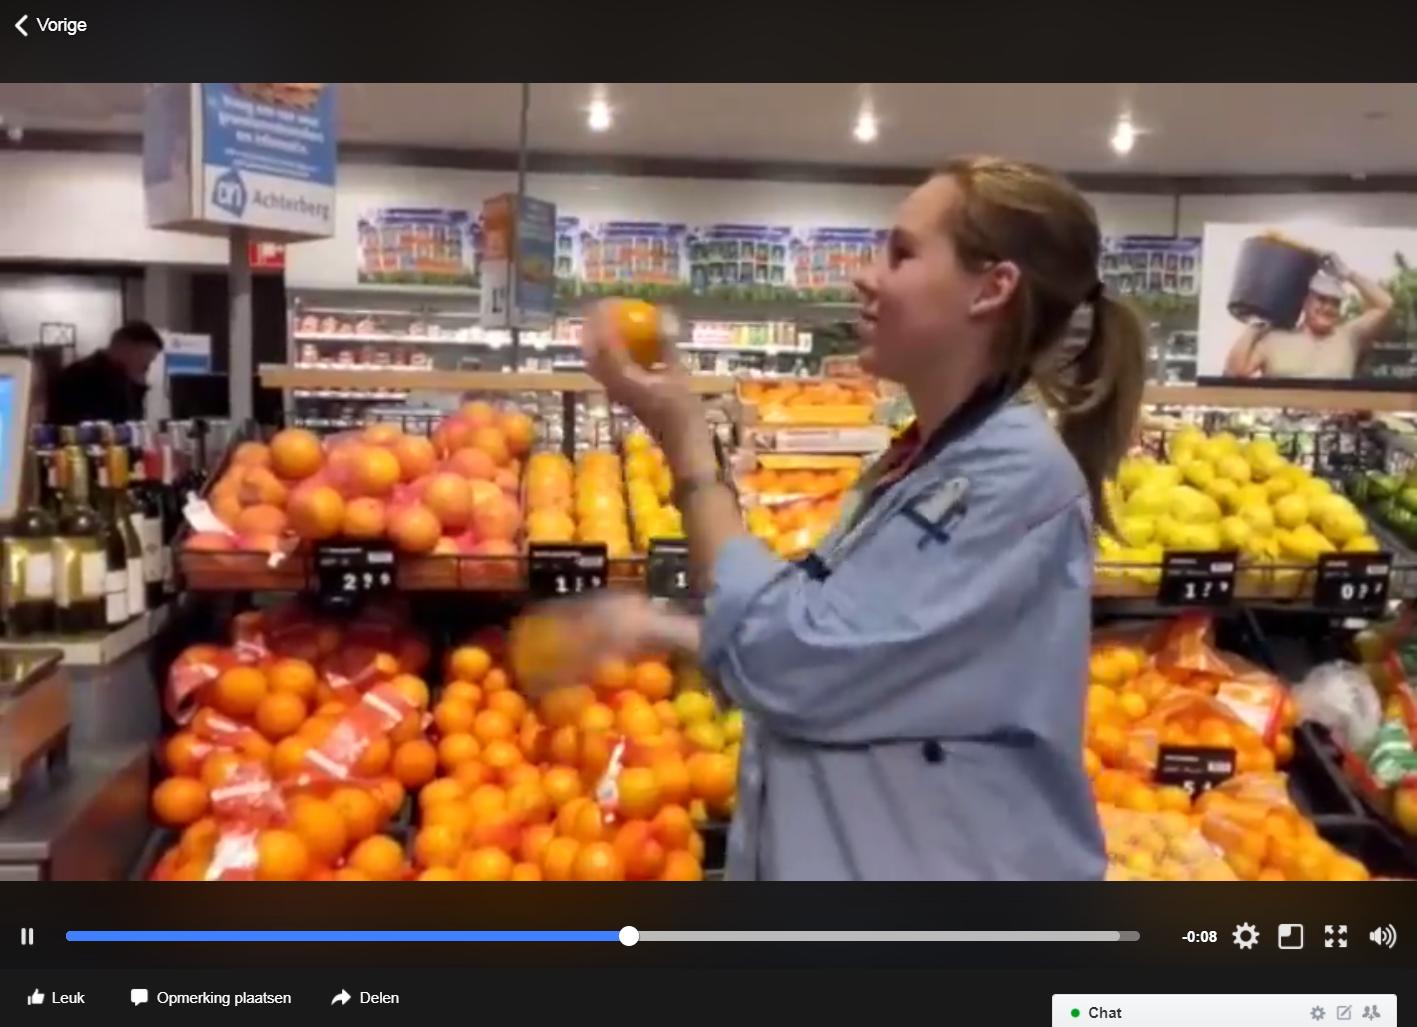 De tijd voor mandarijnen is aangebroken